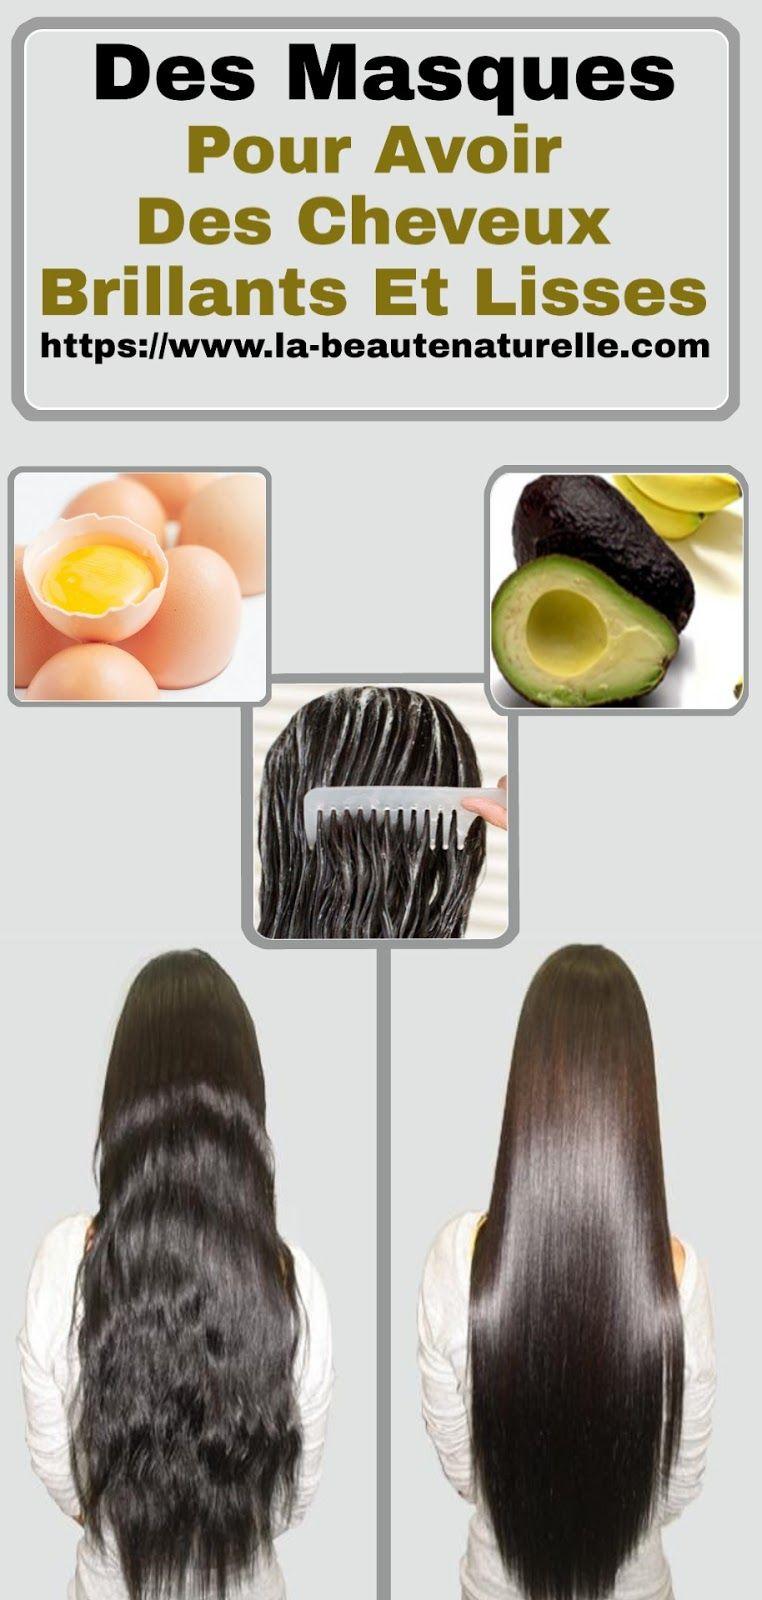 Comment Faire Pour Avoir Des Cheveux Brillants